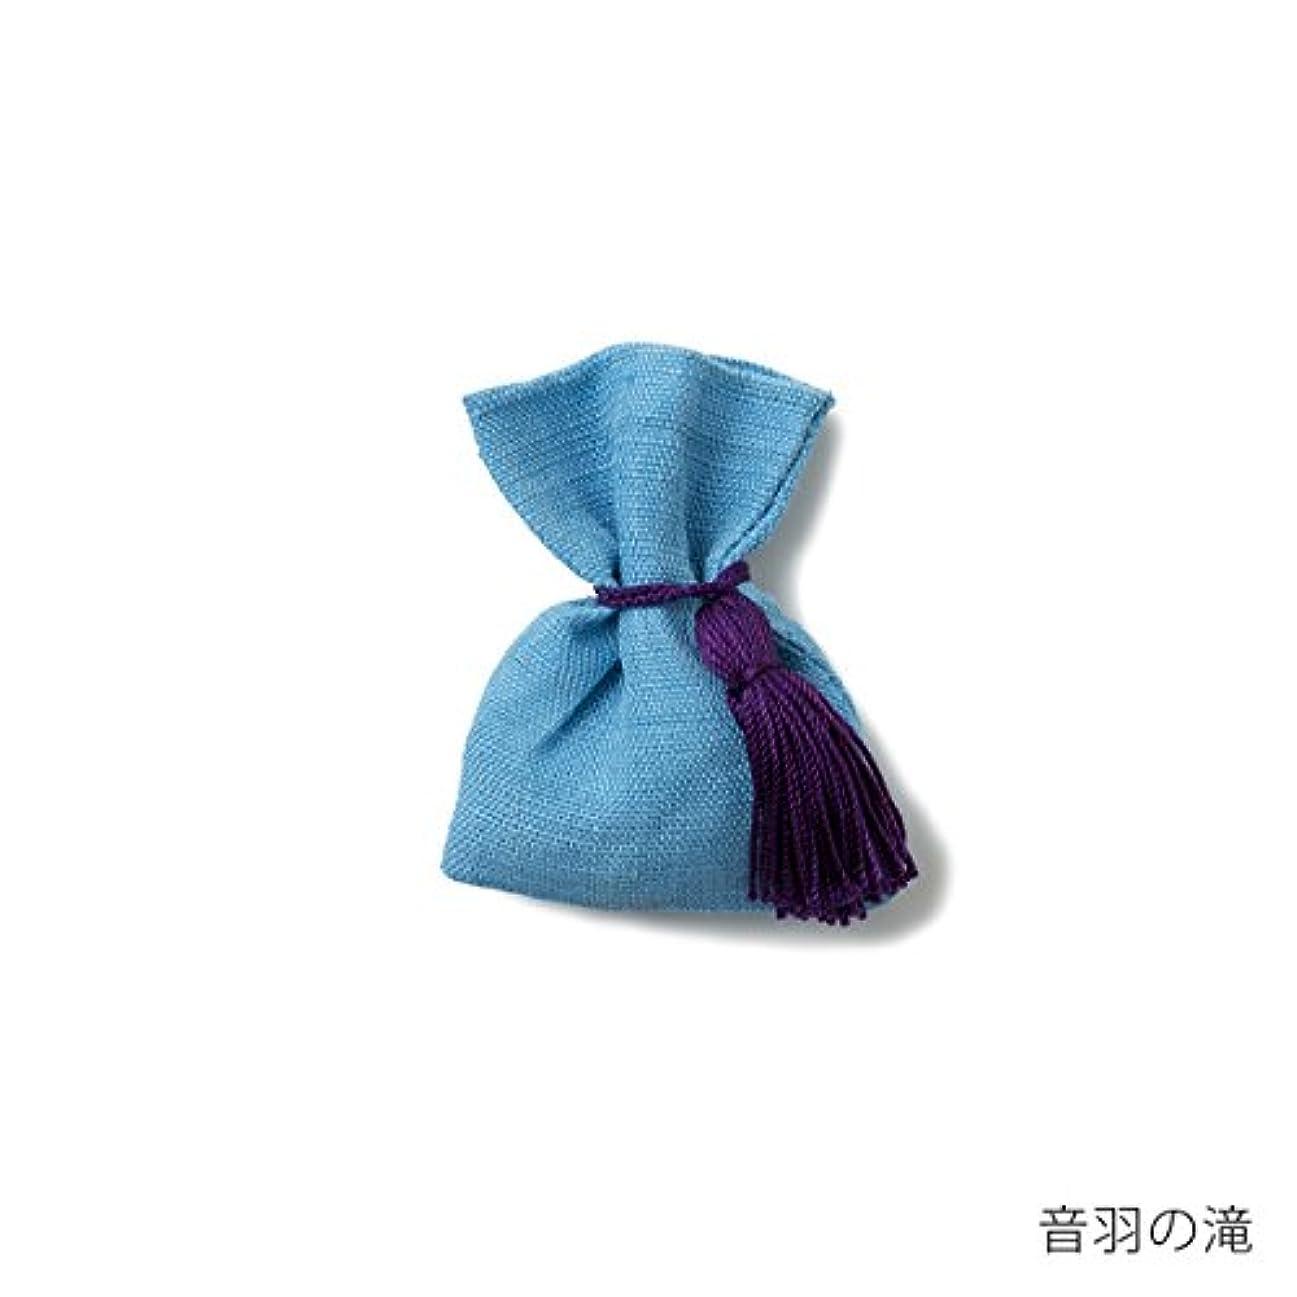 不承認承認するうねる【薫玉堂】 京の香り 香袋 音羽の滝